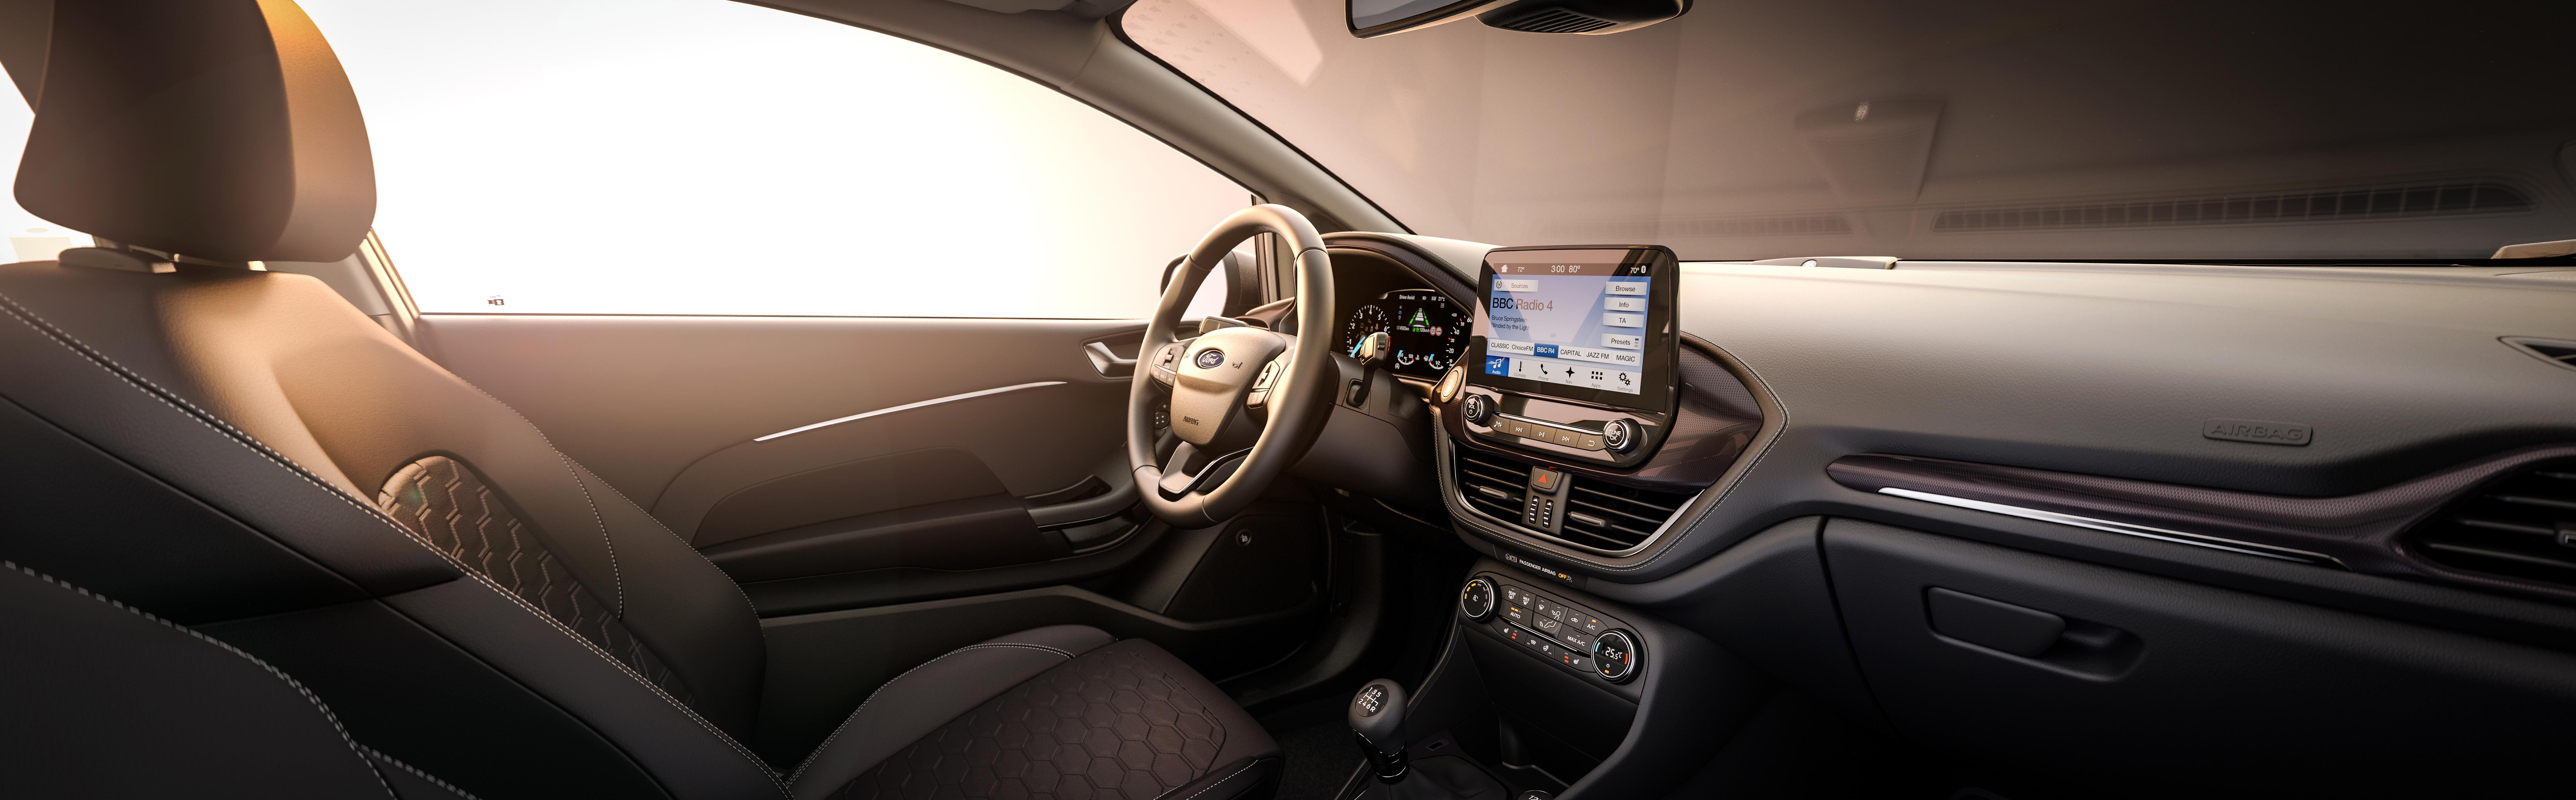 Ford Fiesta interiør